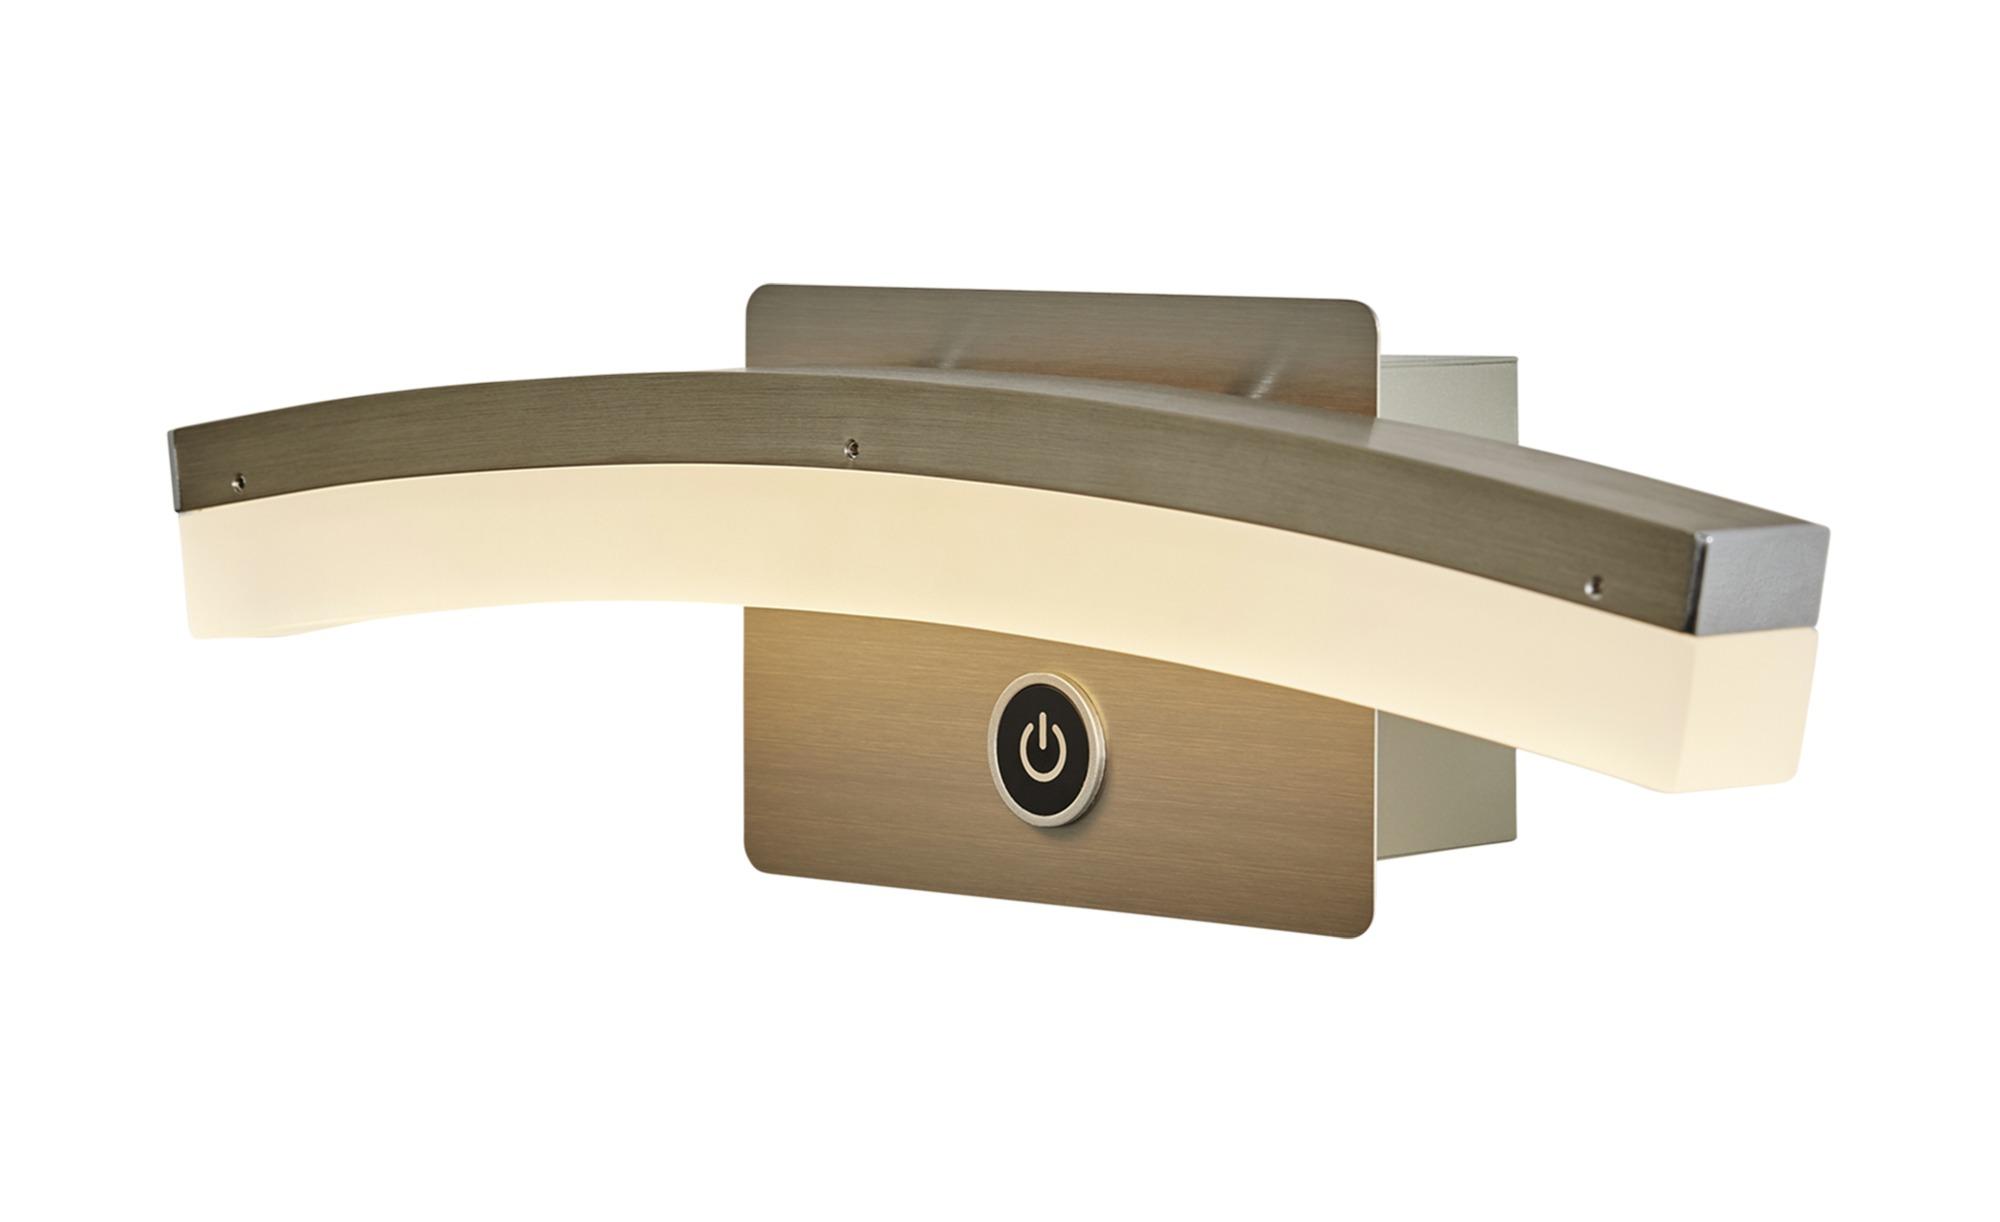 Wofi LED-Wandleuchte, gebogen mit 3-Stufen-Dimmer ¦ silber ¦ Maße (cm): B: 31 H: 8 T: 7 Lampen & Leuchten > Innenleuchten > Wandleuchten - Höffner